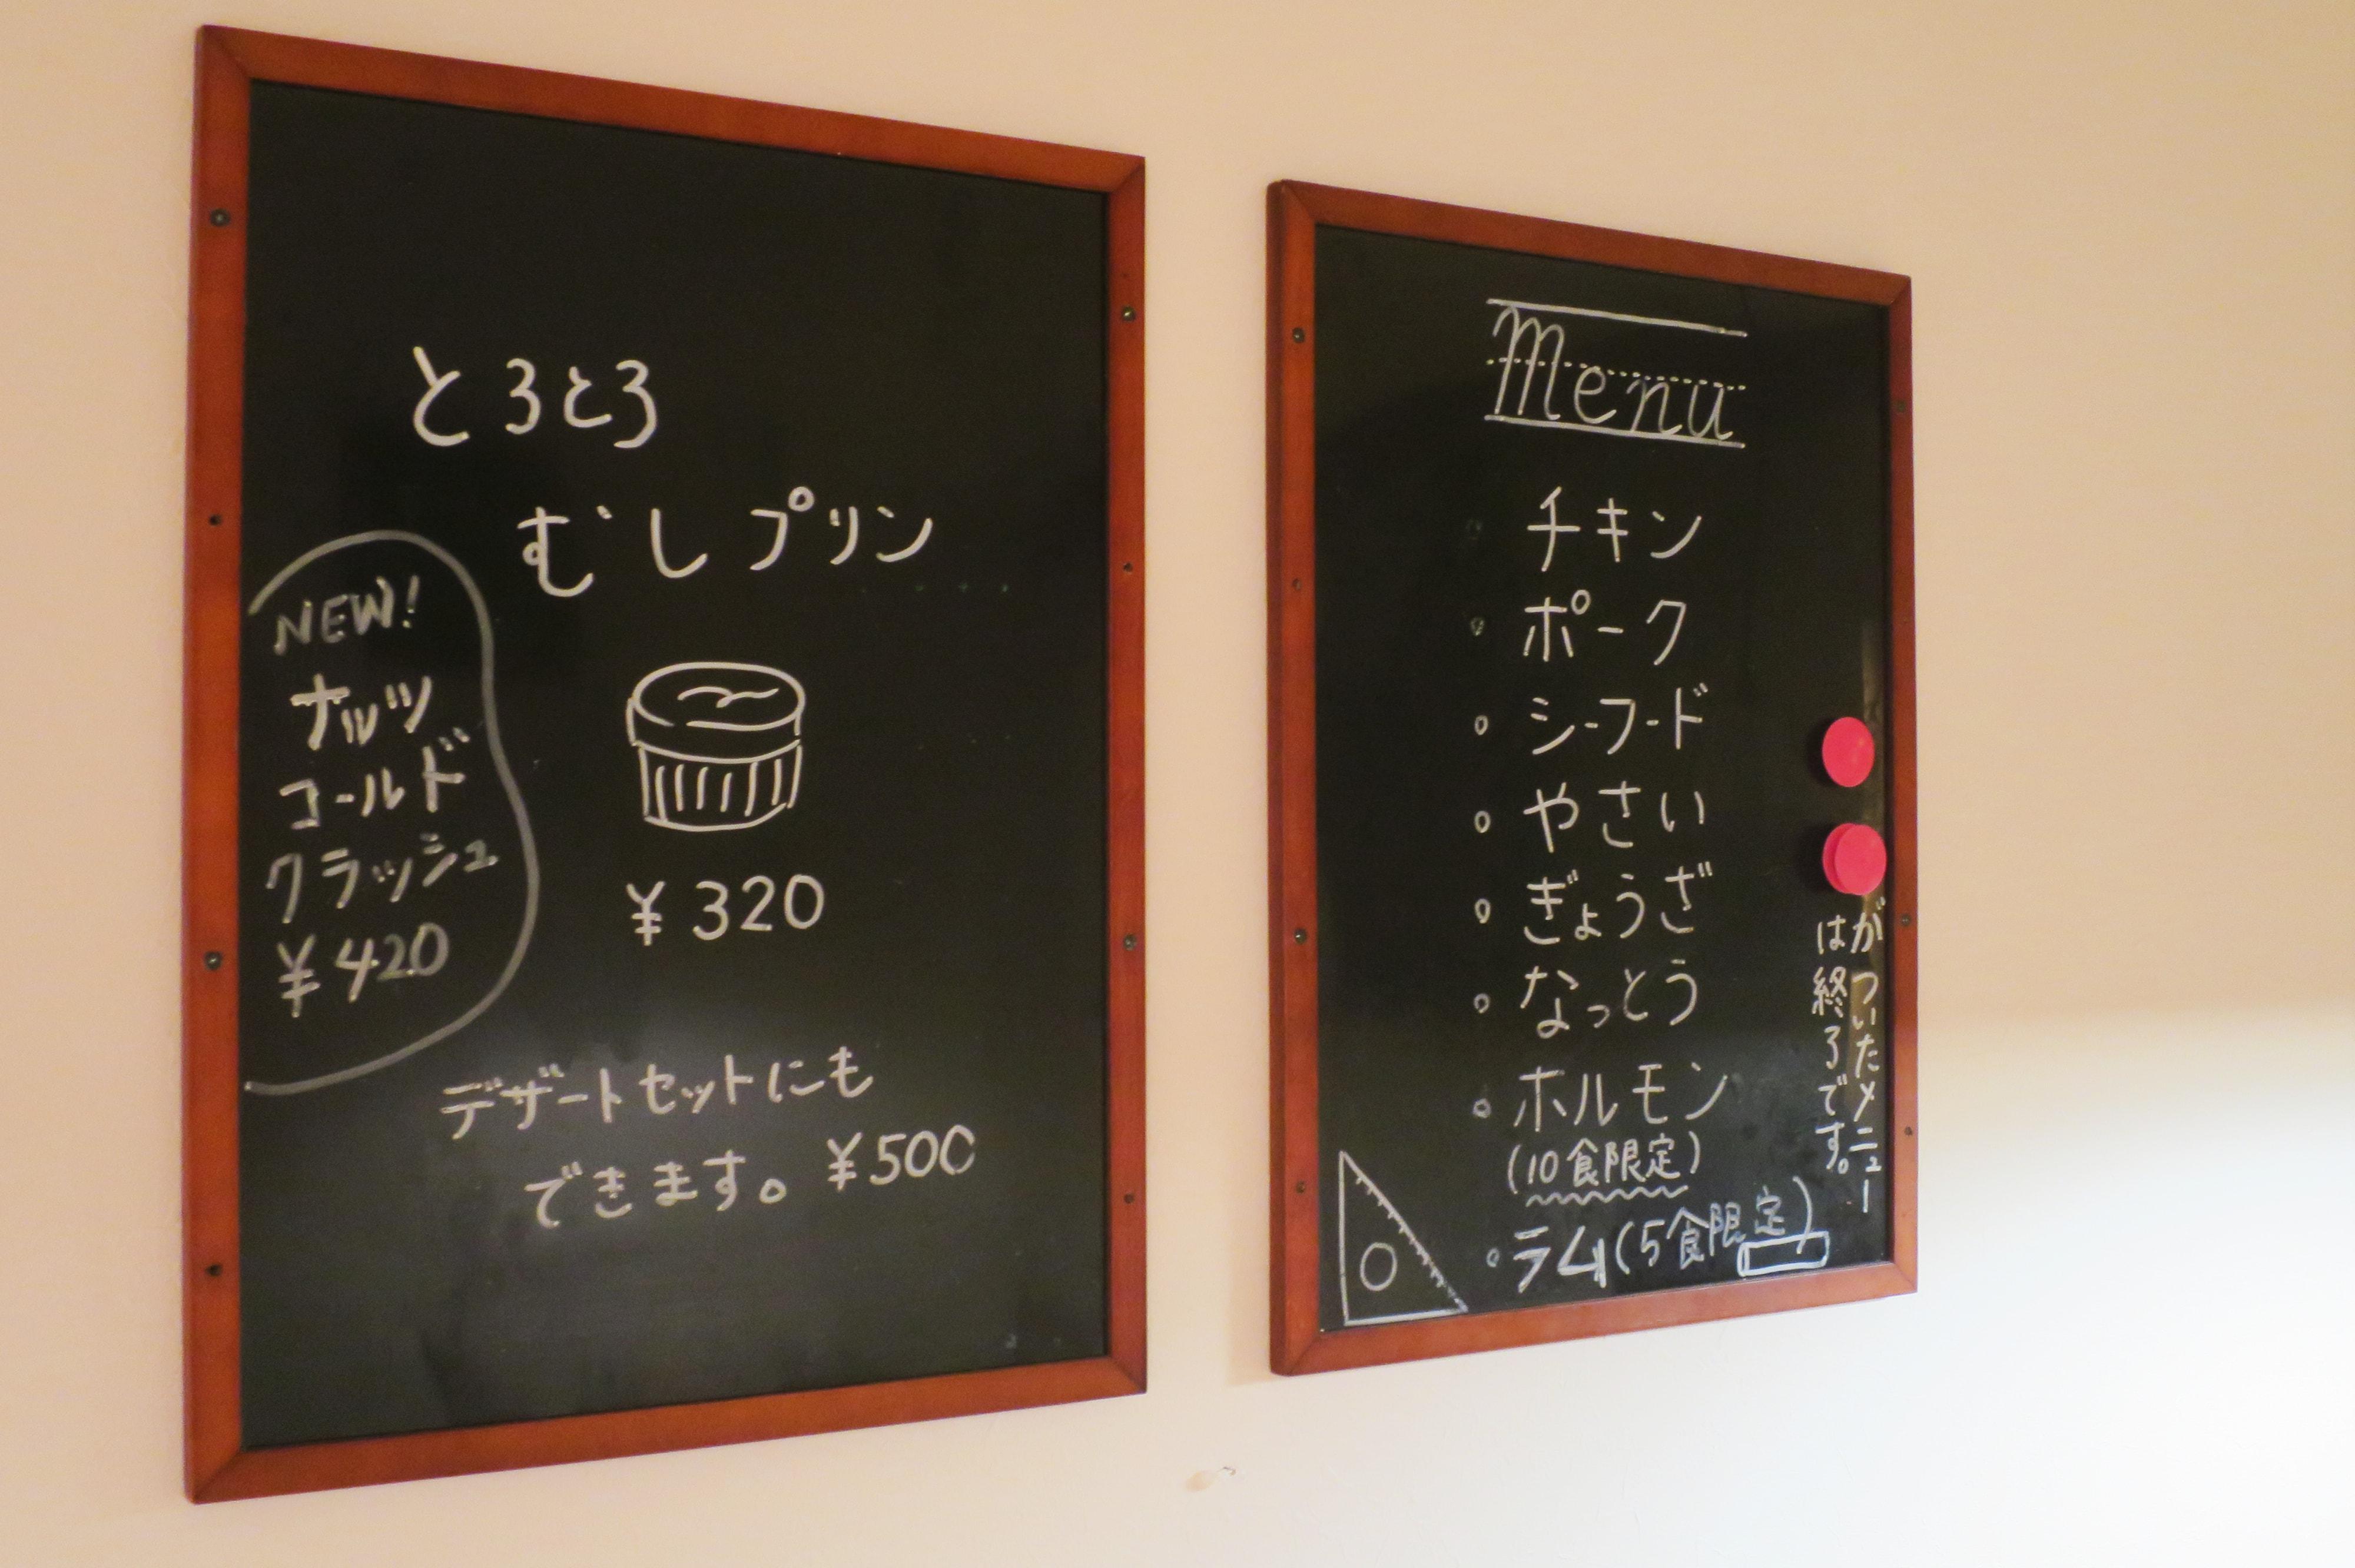 富山高岡車站美食!湯咖哩Maruna(スープカレー マルナ)美味推薦